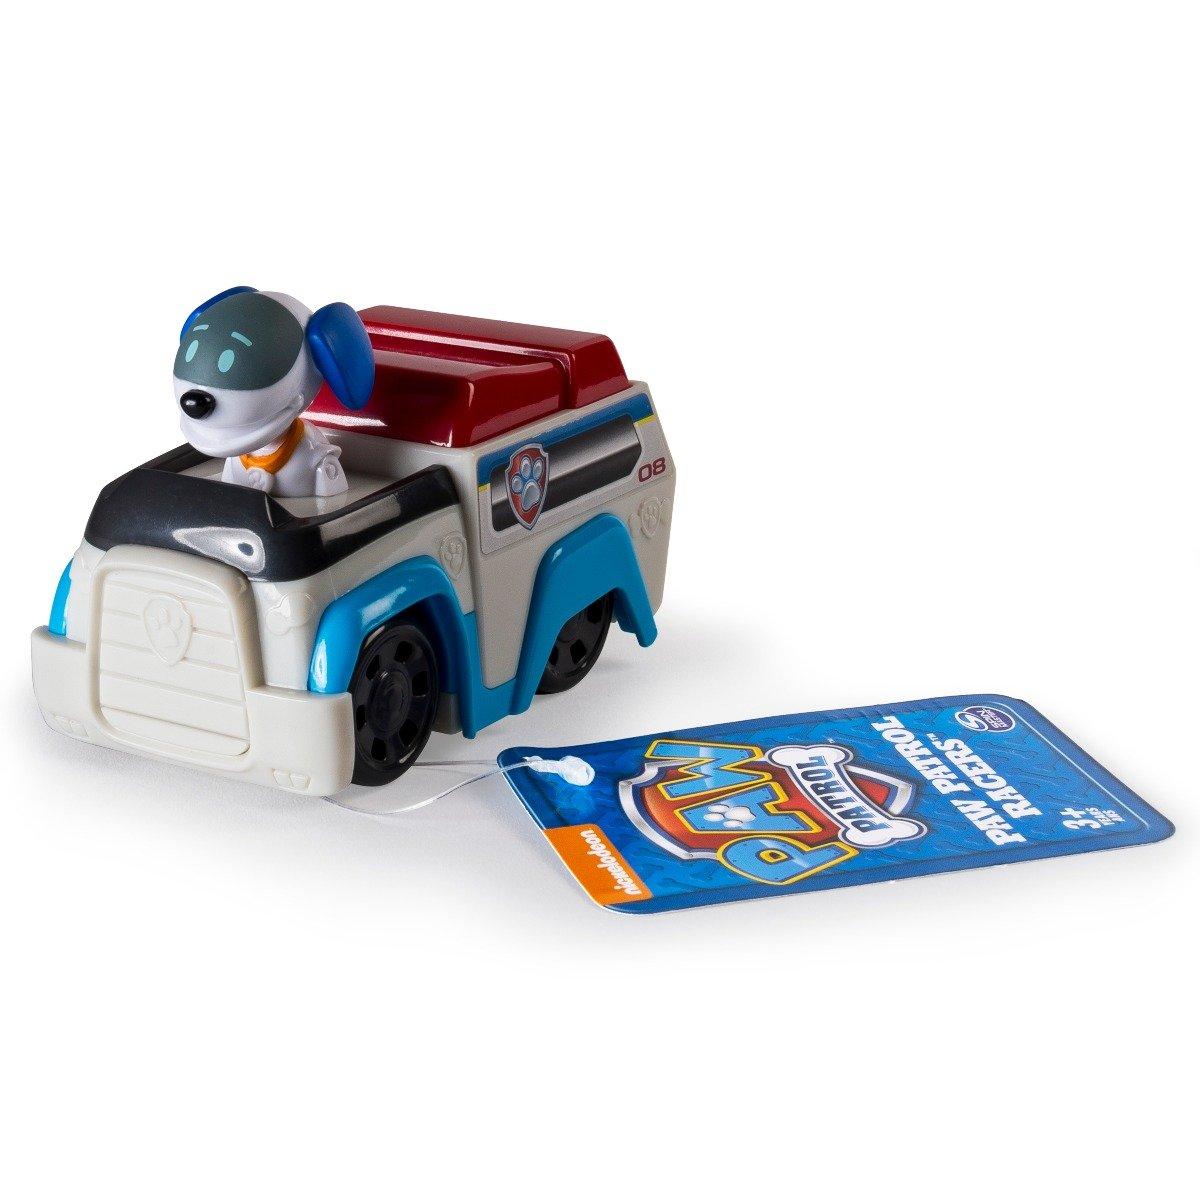 Figurina cu vehicul de salvare Paw Patrol, Robo Dog